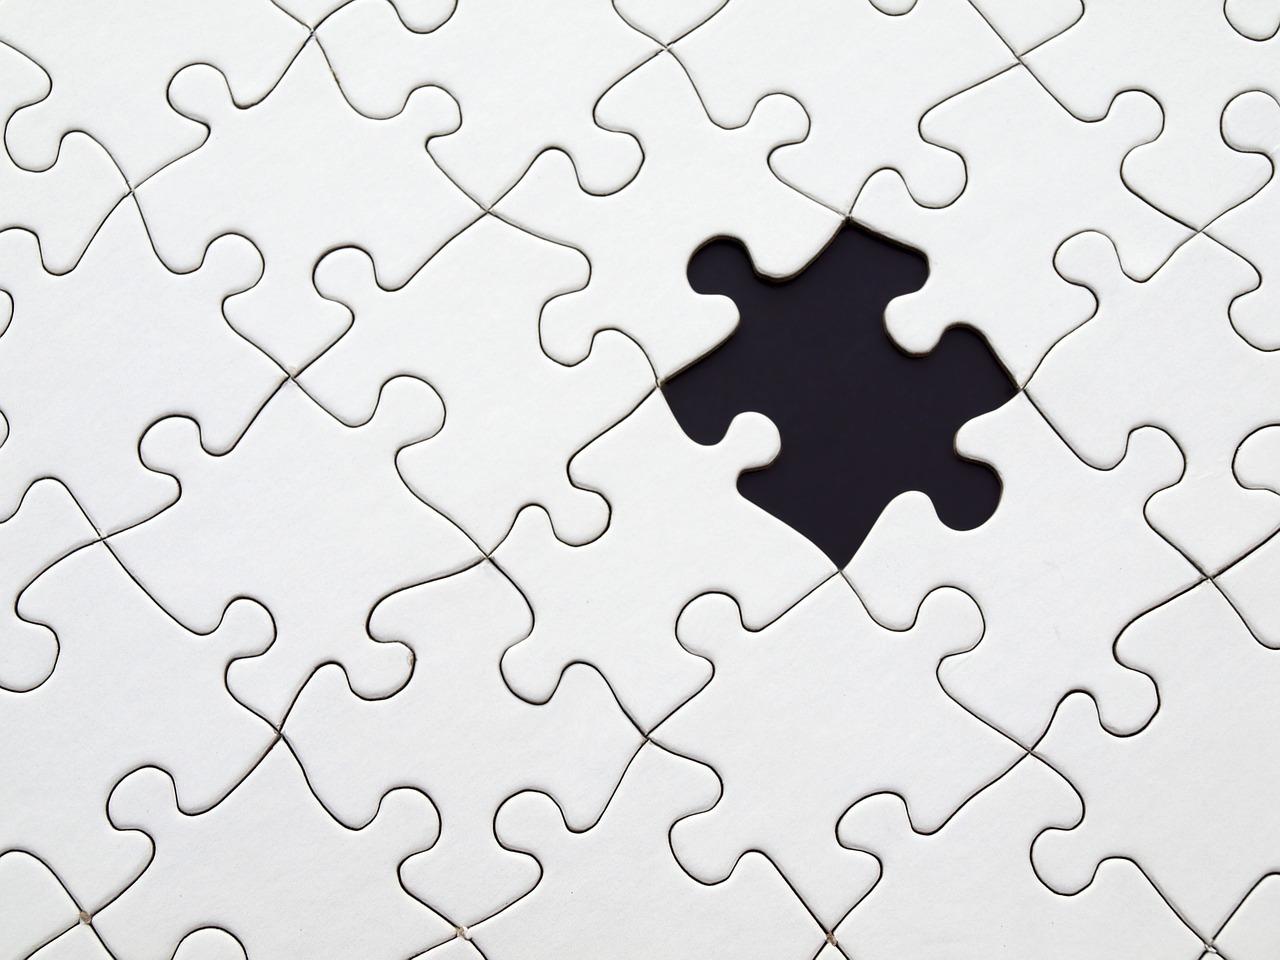 puzzle-693865_1280